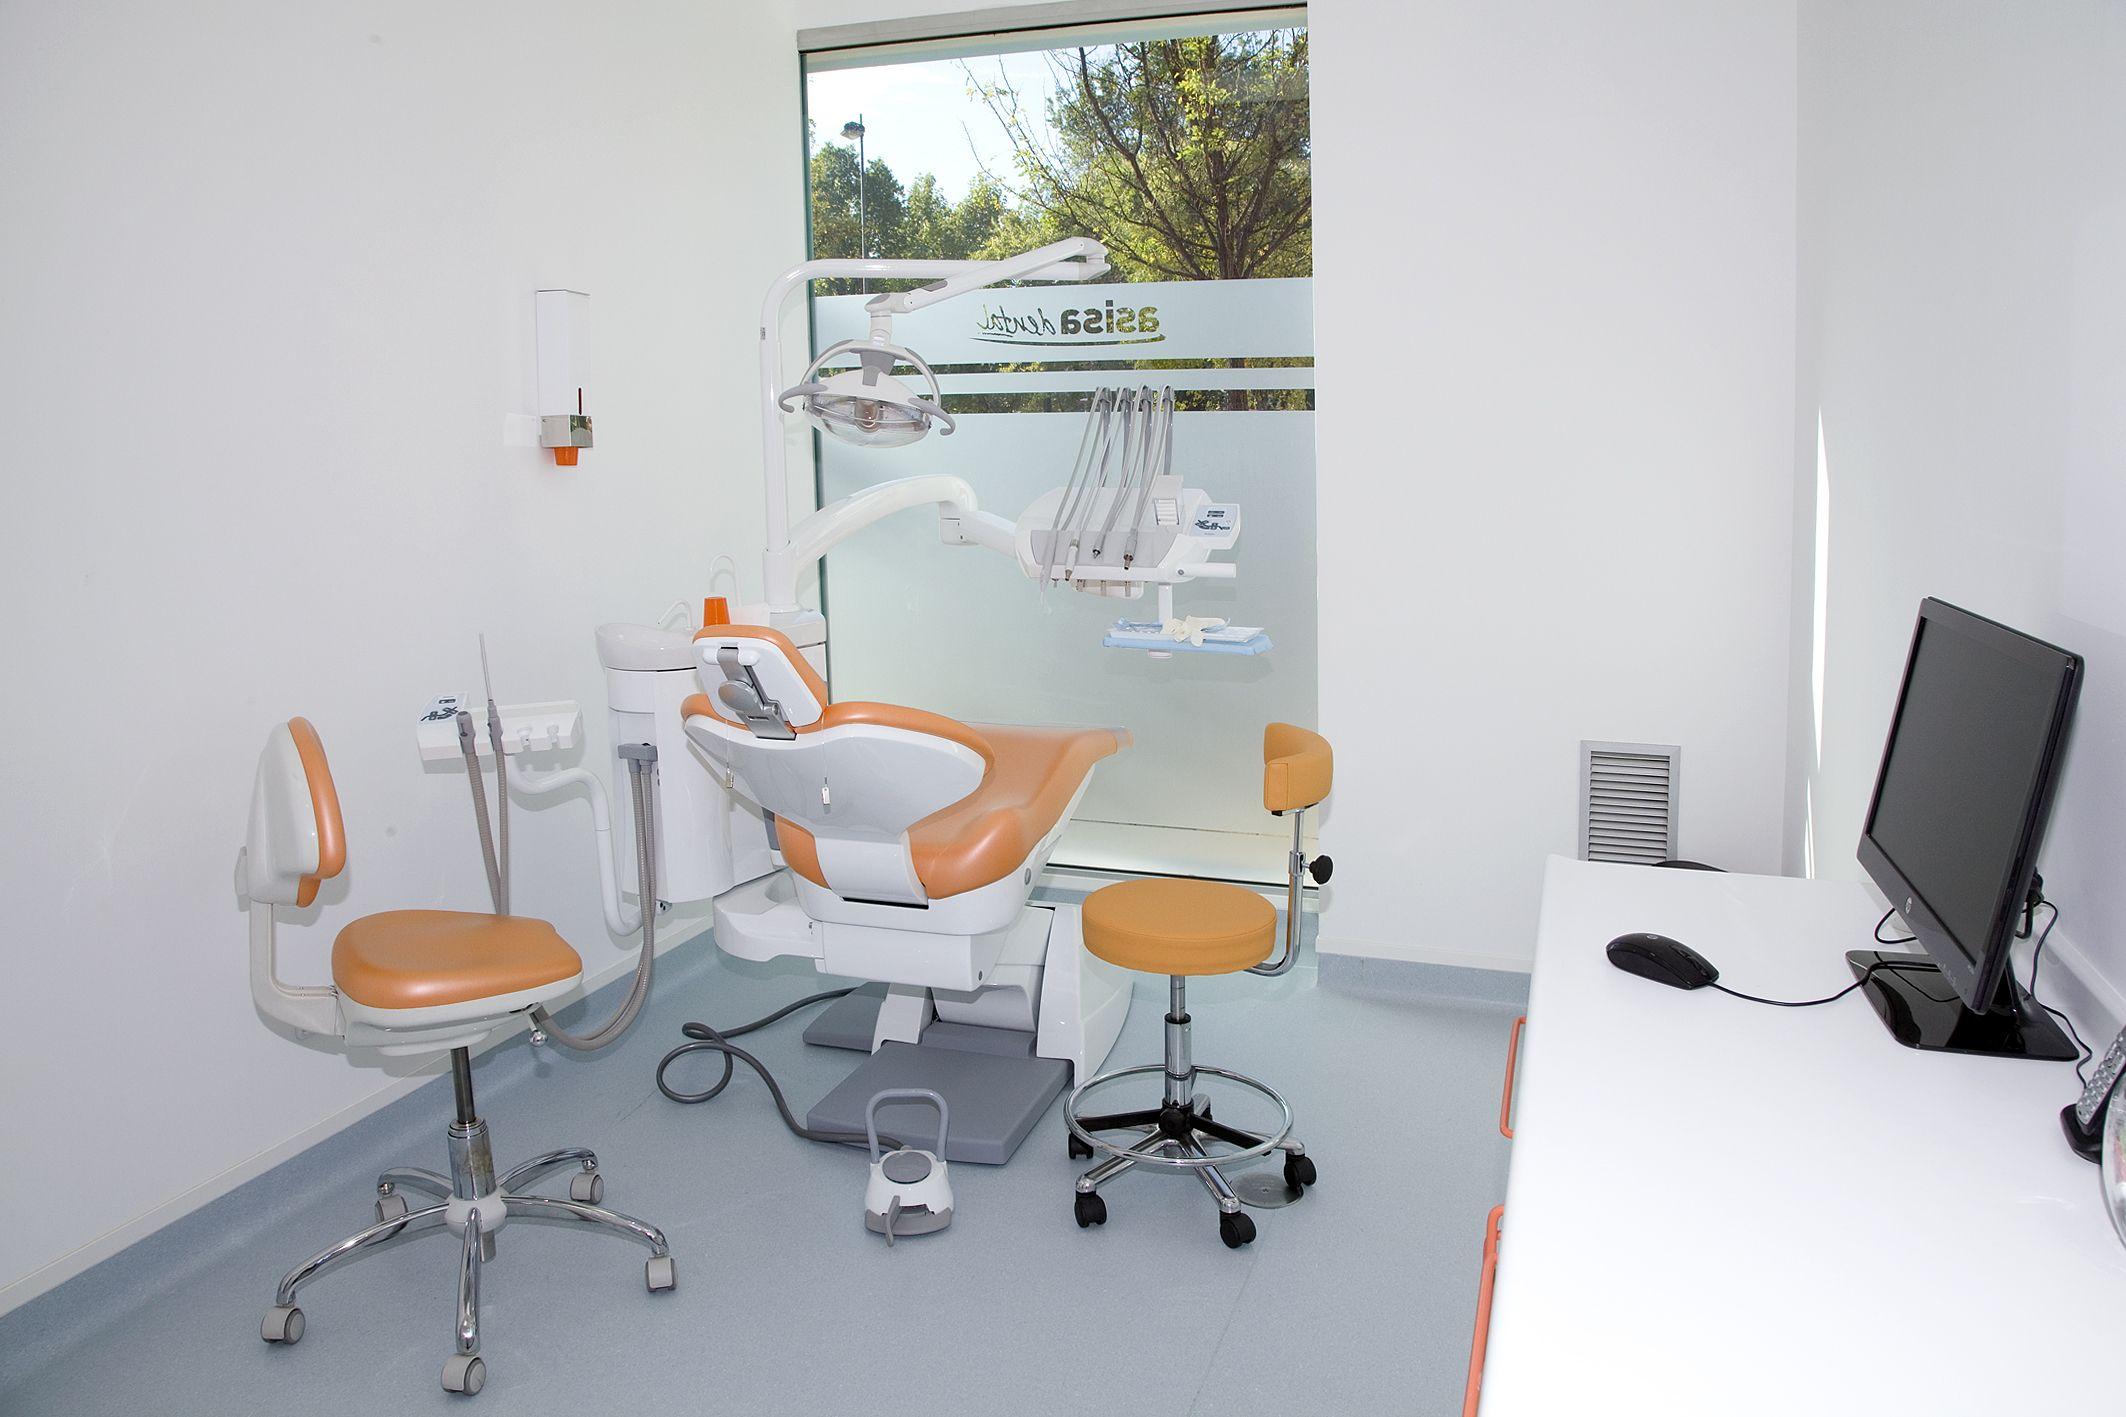 Servicios de implantología, odontopediatría, estética dental, etc.